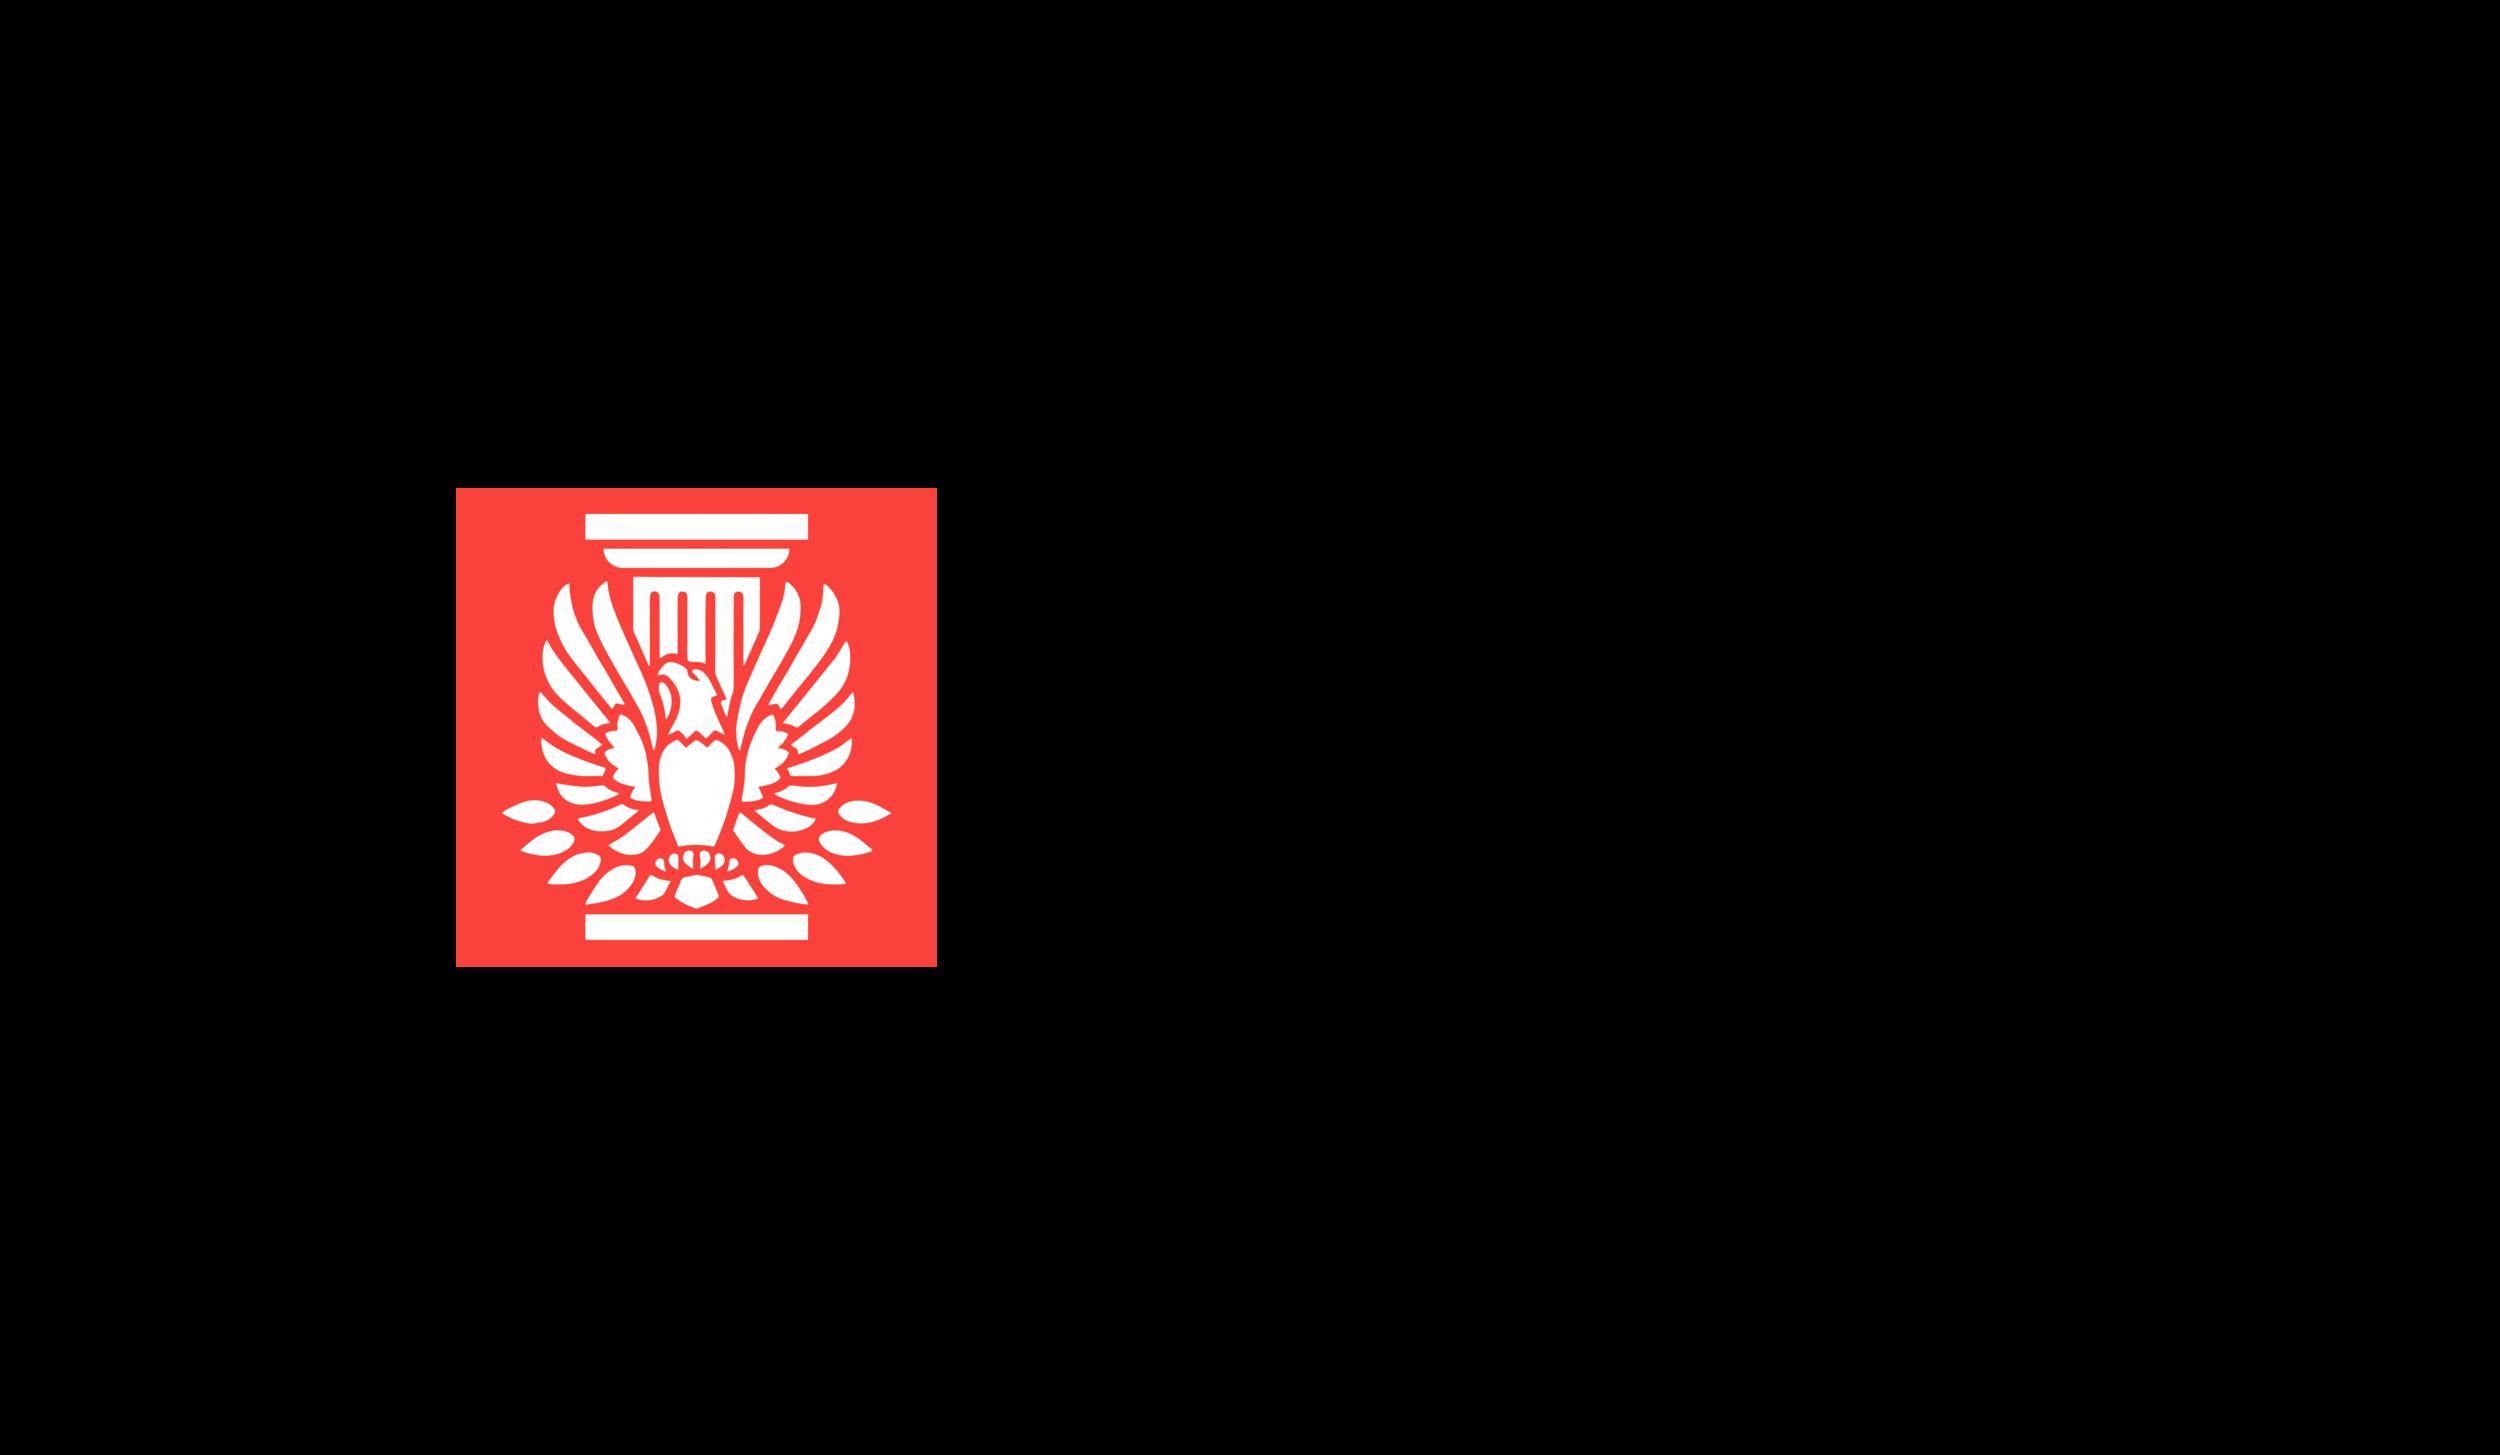 redAIASH logo HI-RES trans.png